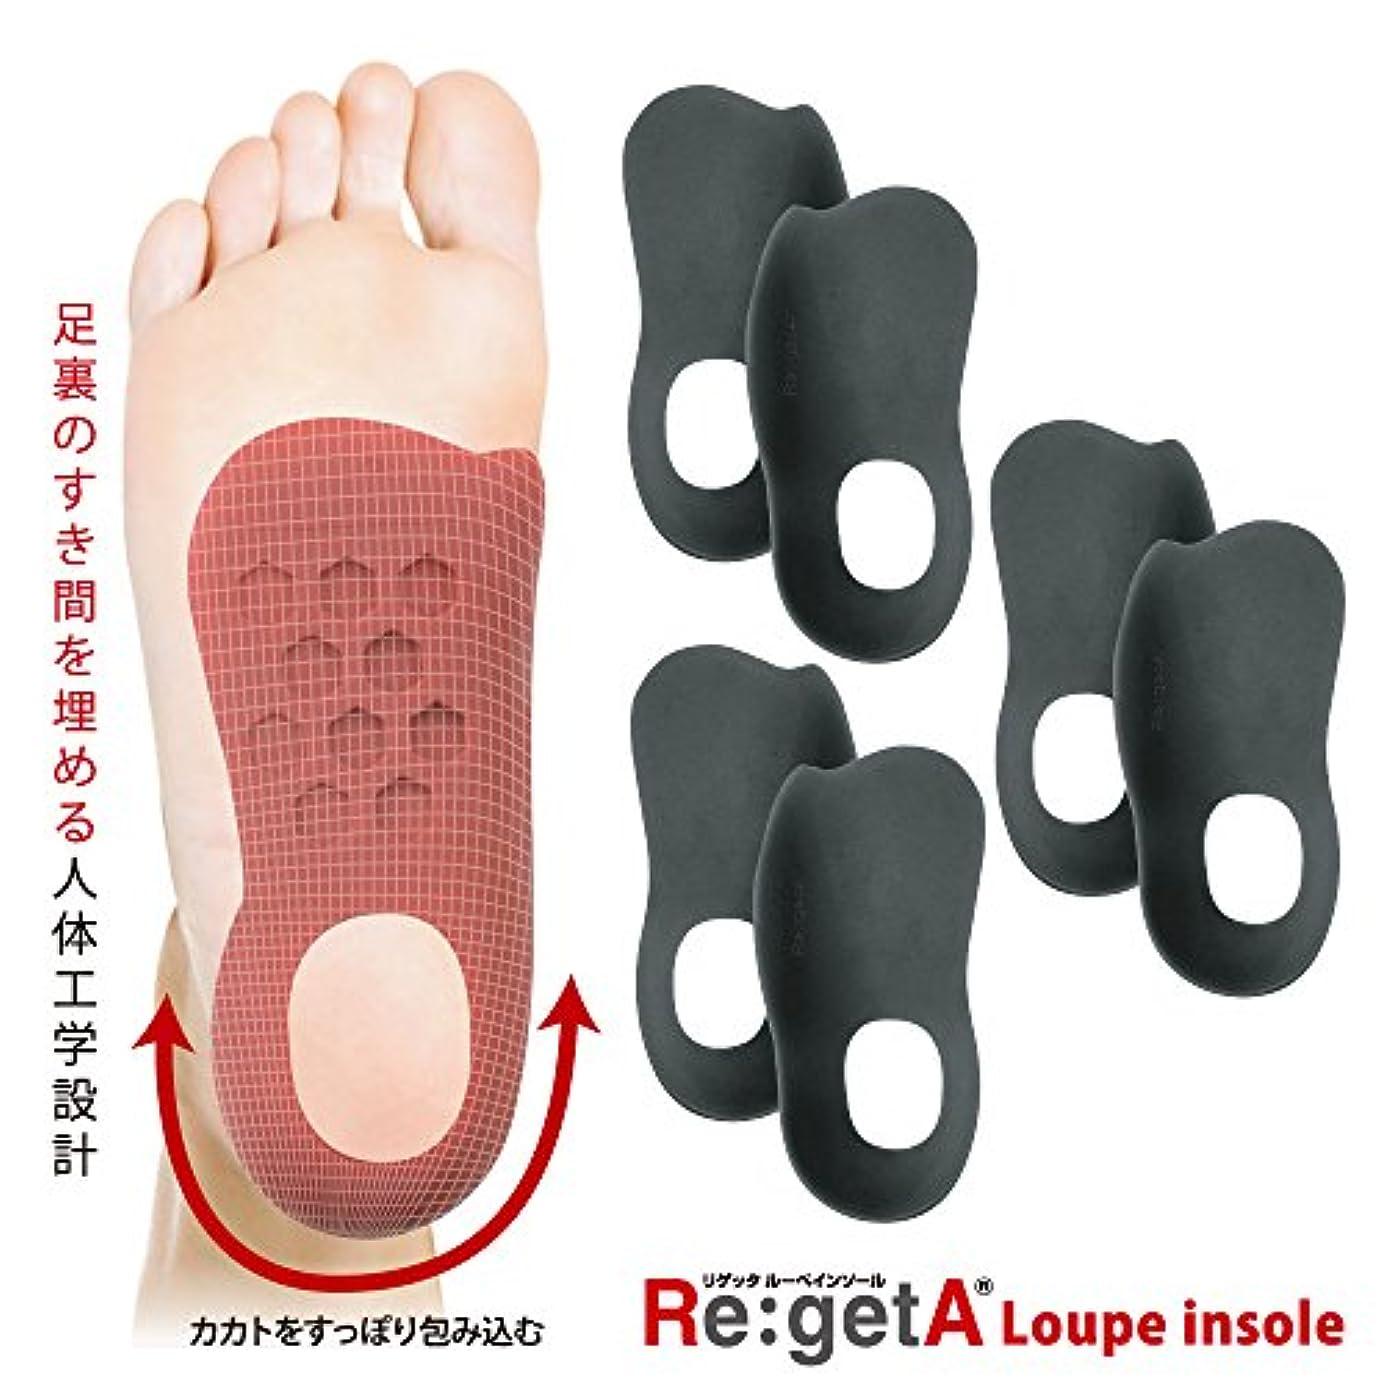 最大マウス削減リゲッタ(Re:getA) ルーペインソール ブラック 3足組 レディスサイズ 21.5-25.0cm対応